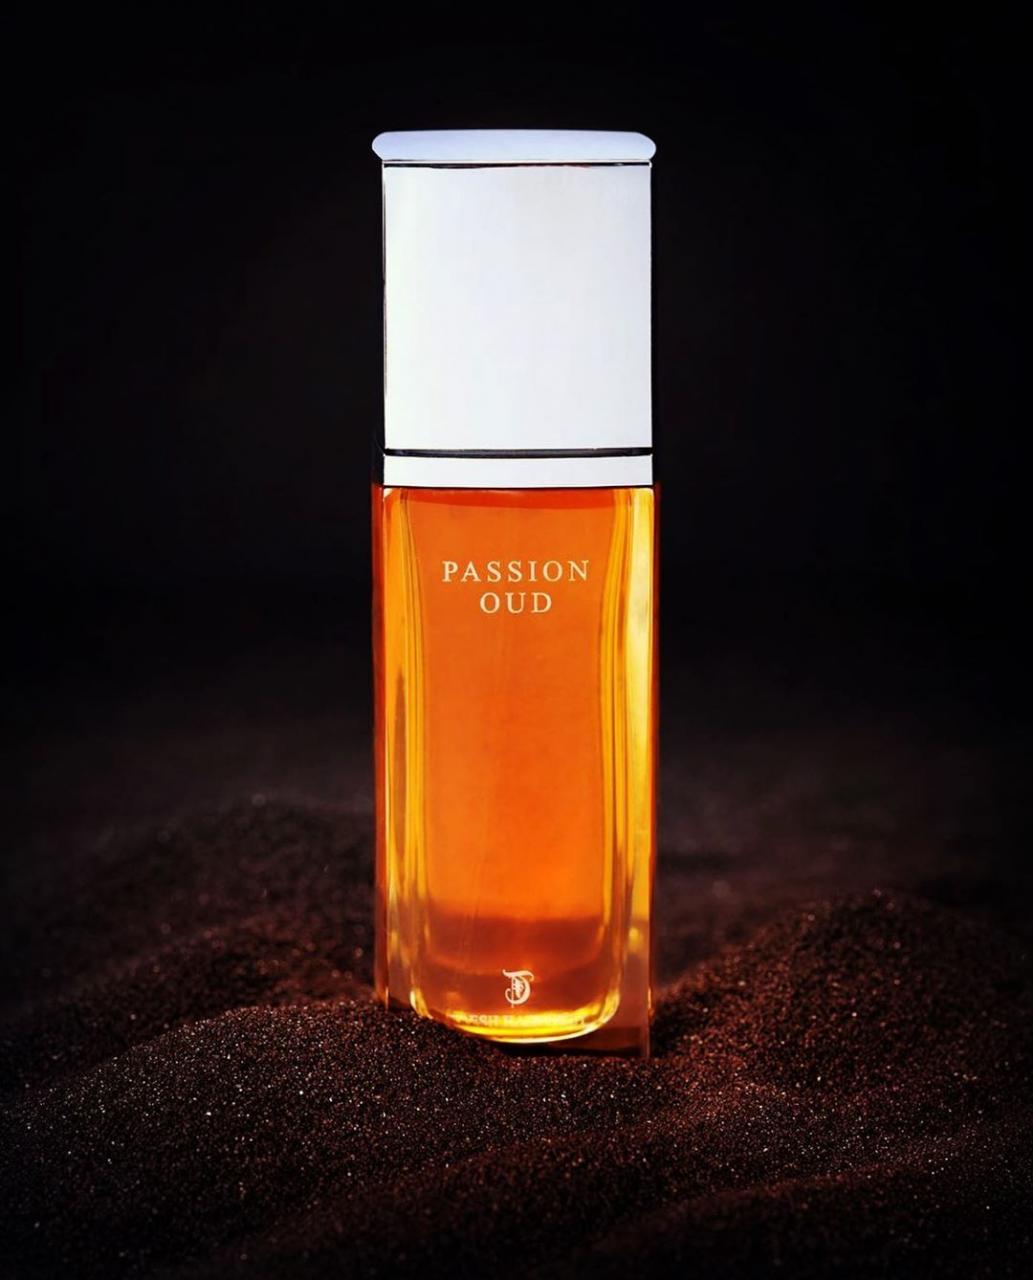 صورة تعرف على طرق ابقاء رائحتك الجميلة لأطول فترة ممكنة,عطور دار الطيب 274 1